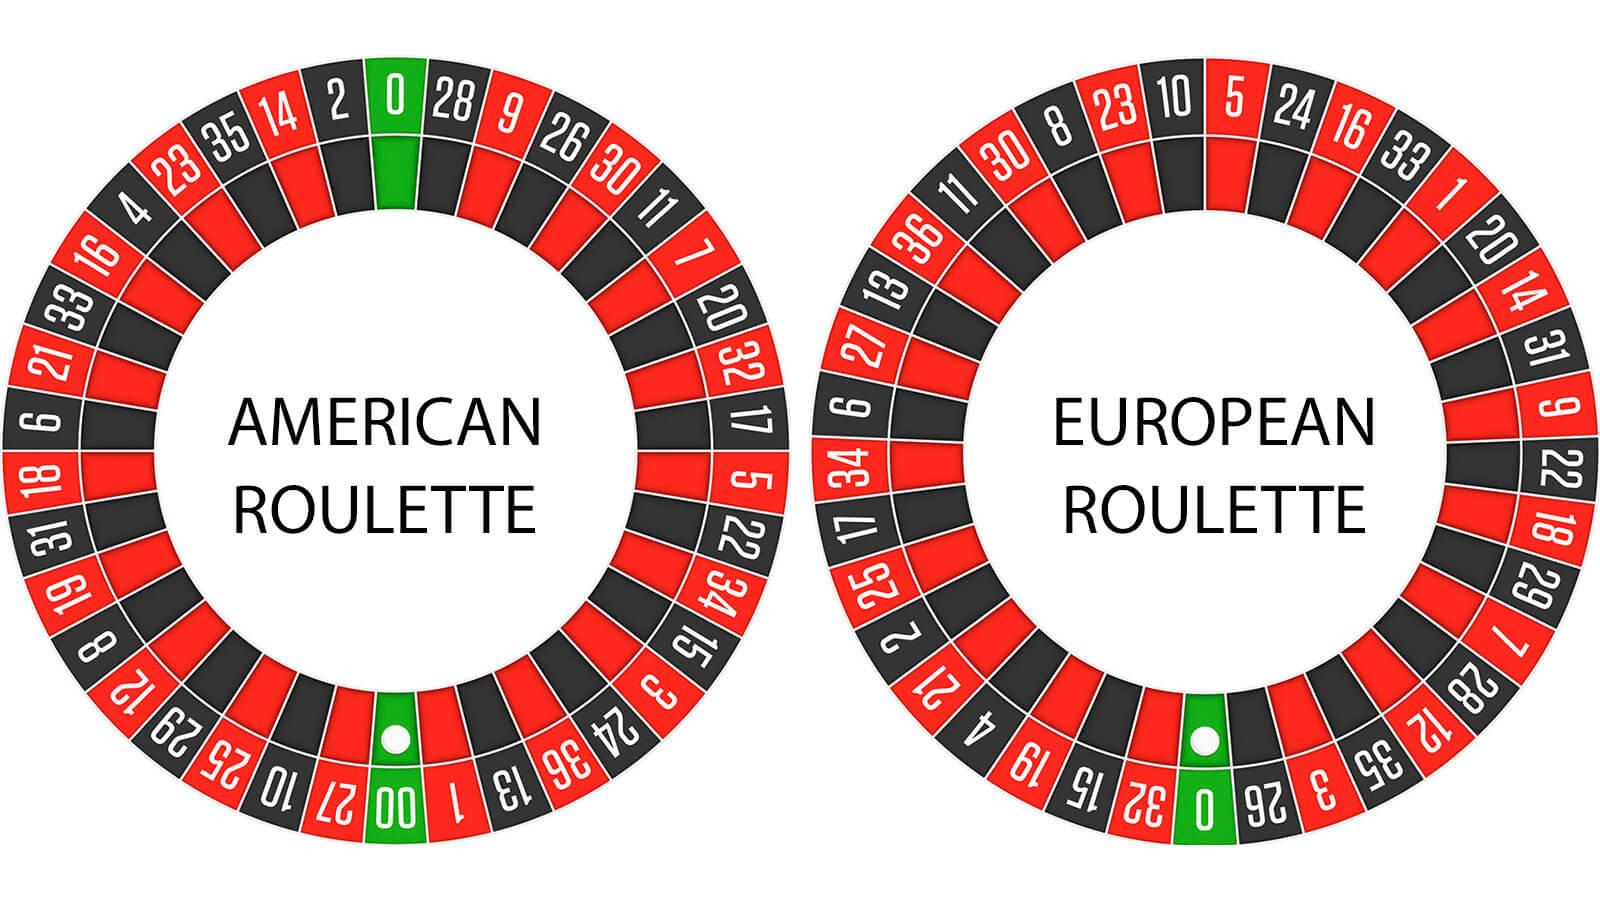 Steuerberater Lottogewinn European 619776